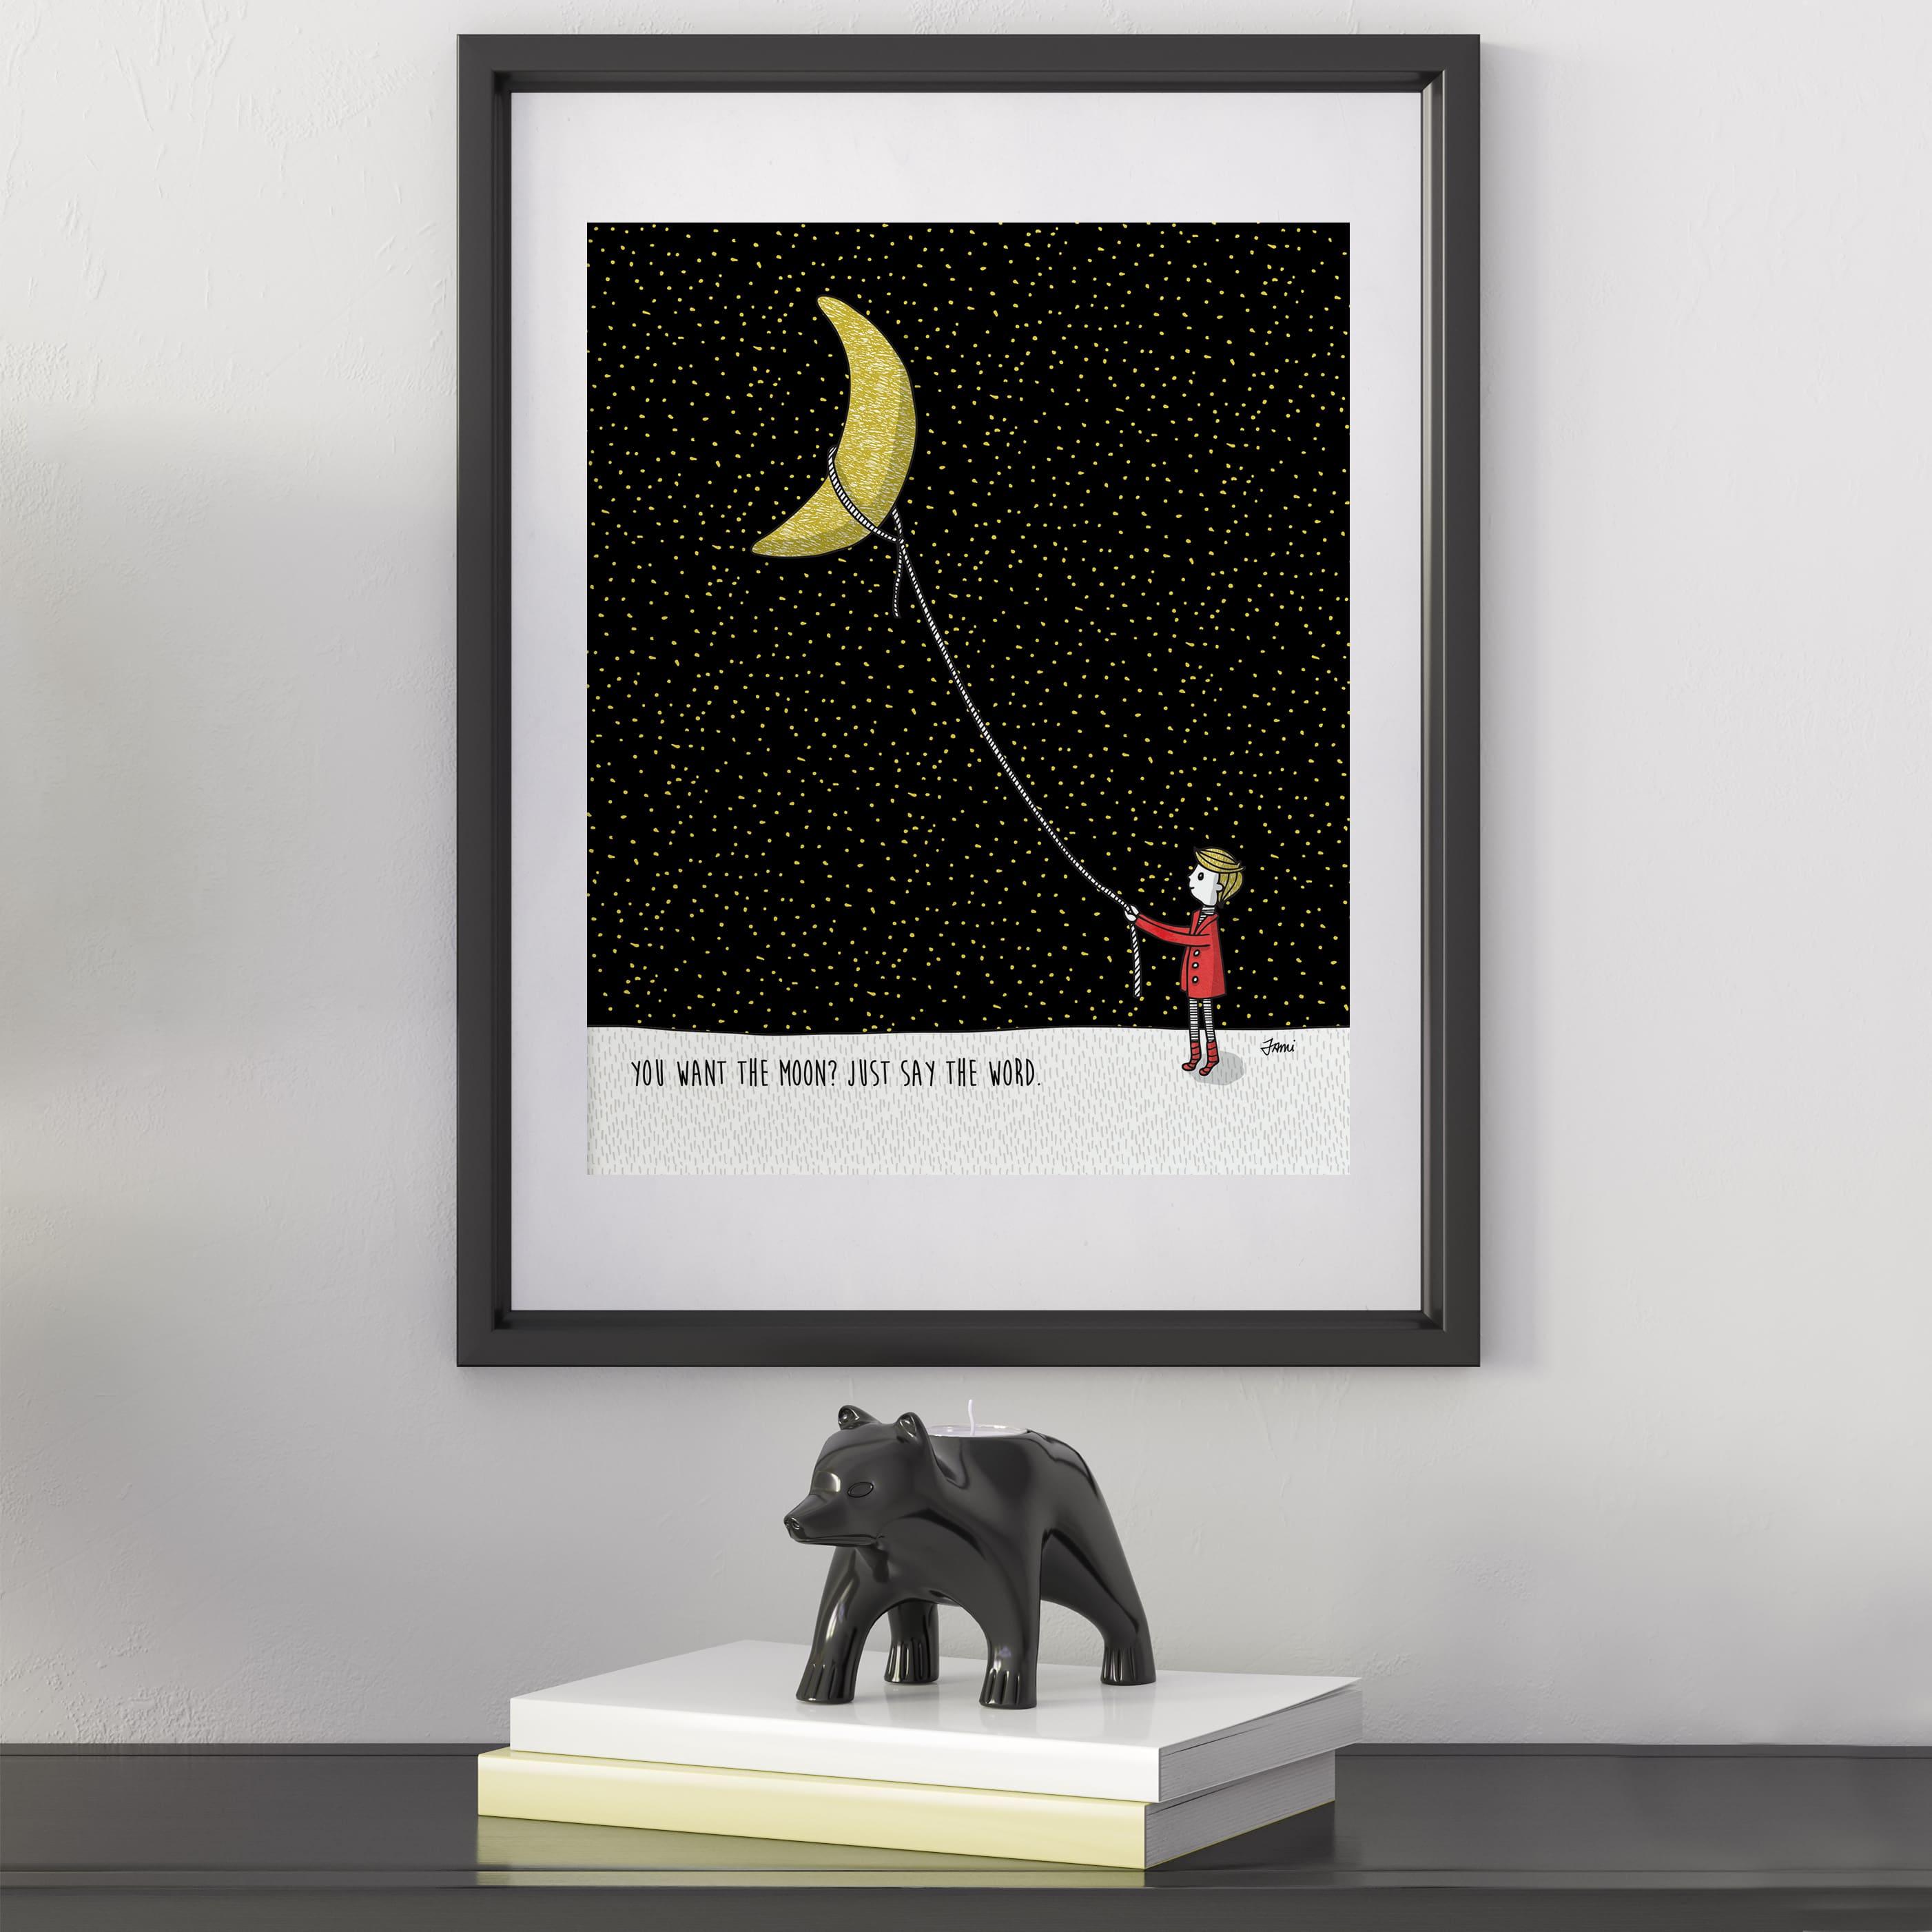 lasso the moon positivity snark boy stylized